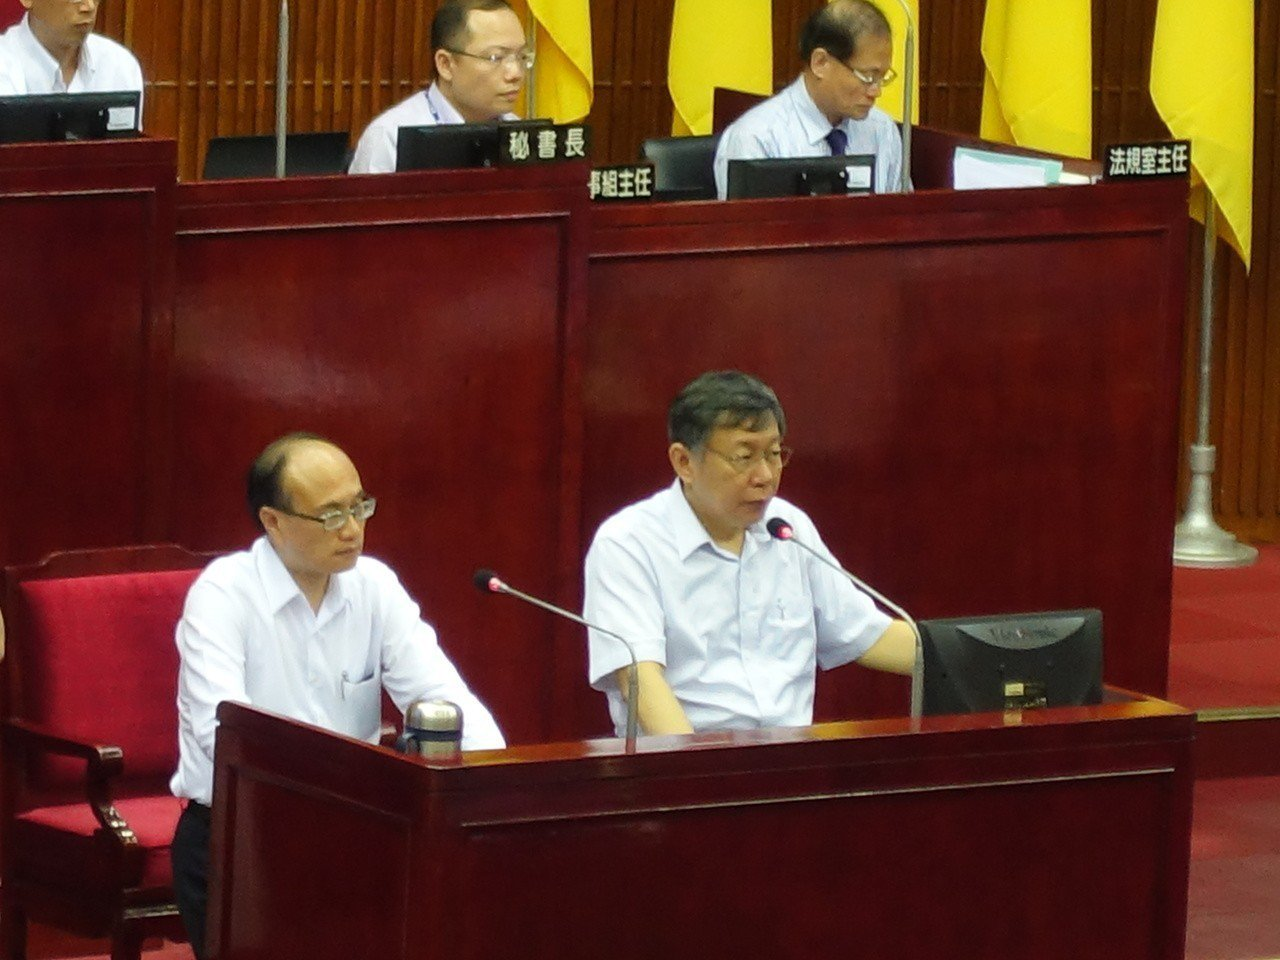 台北市長柯文哲表示,大家都曉得,吳祥輝一定不是主謀,現在到底是怎樣。最後更說,現...